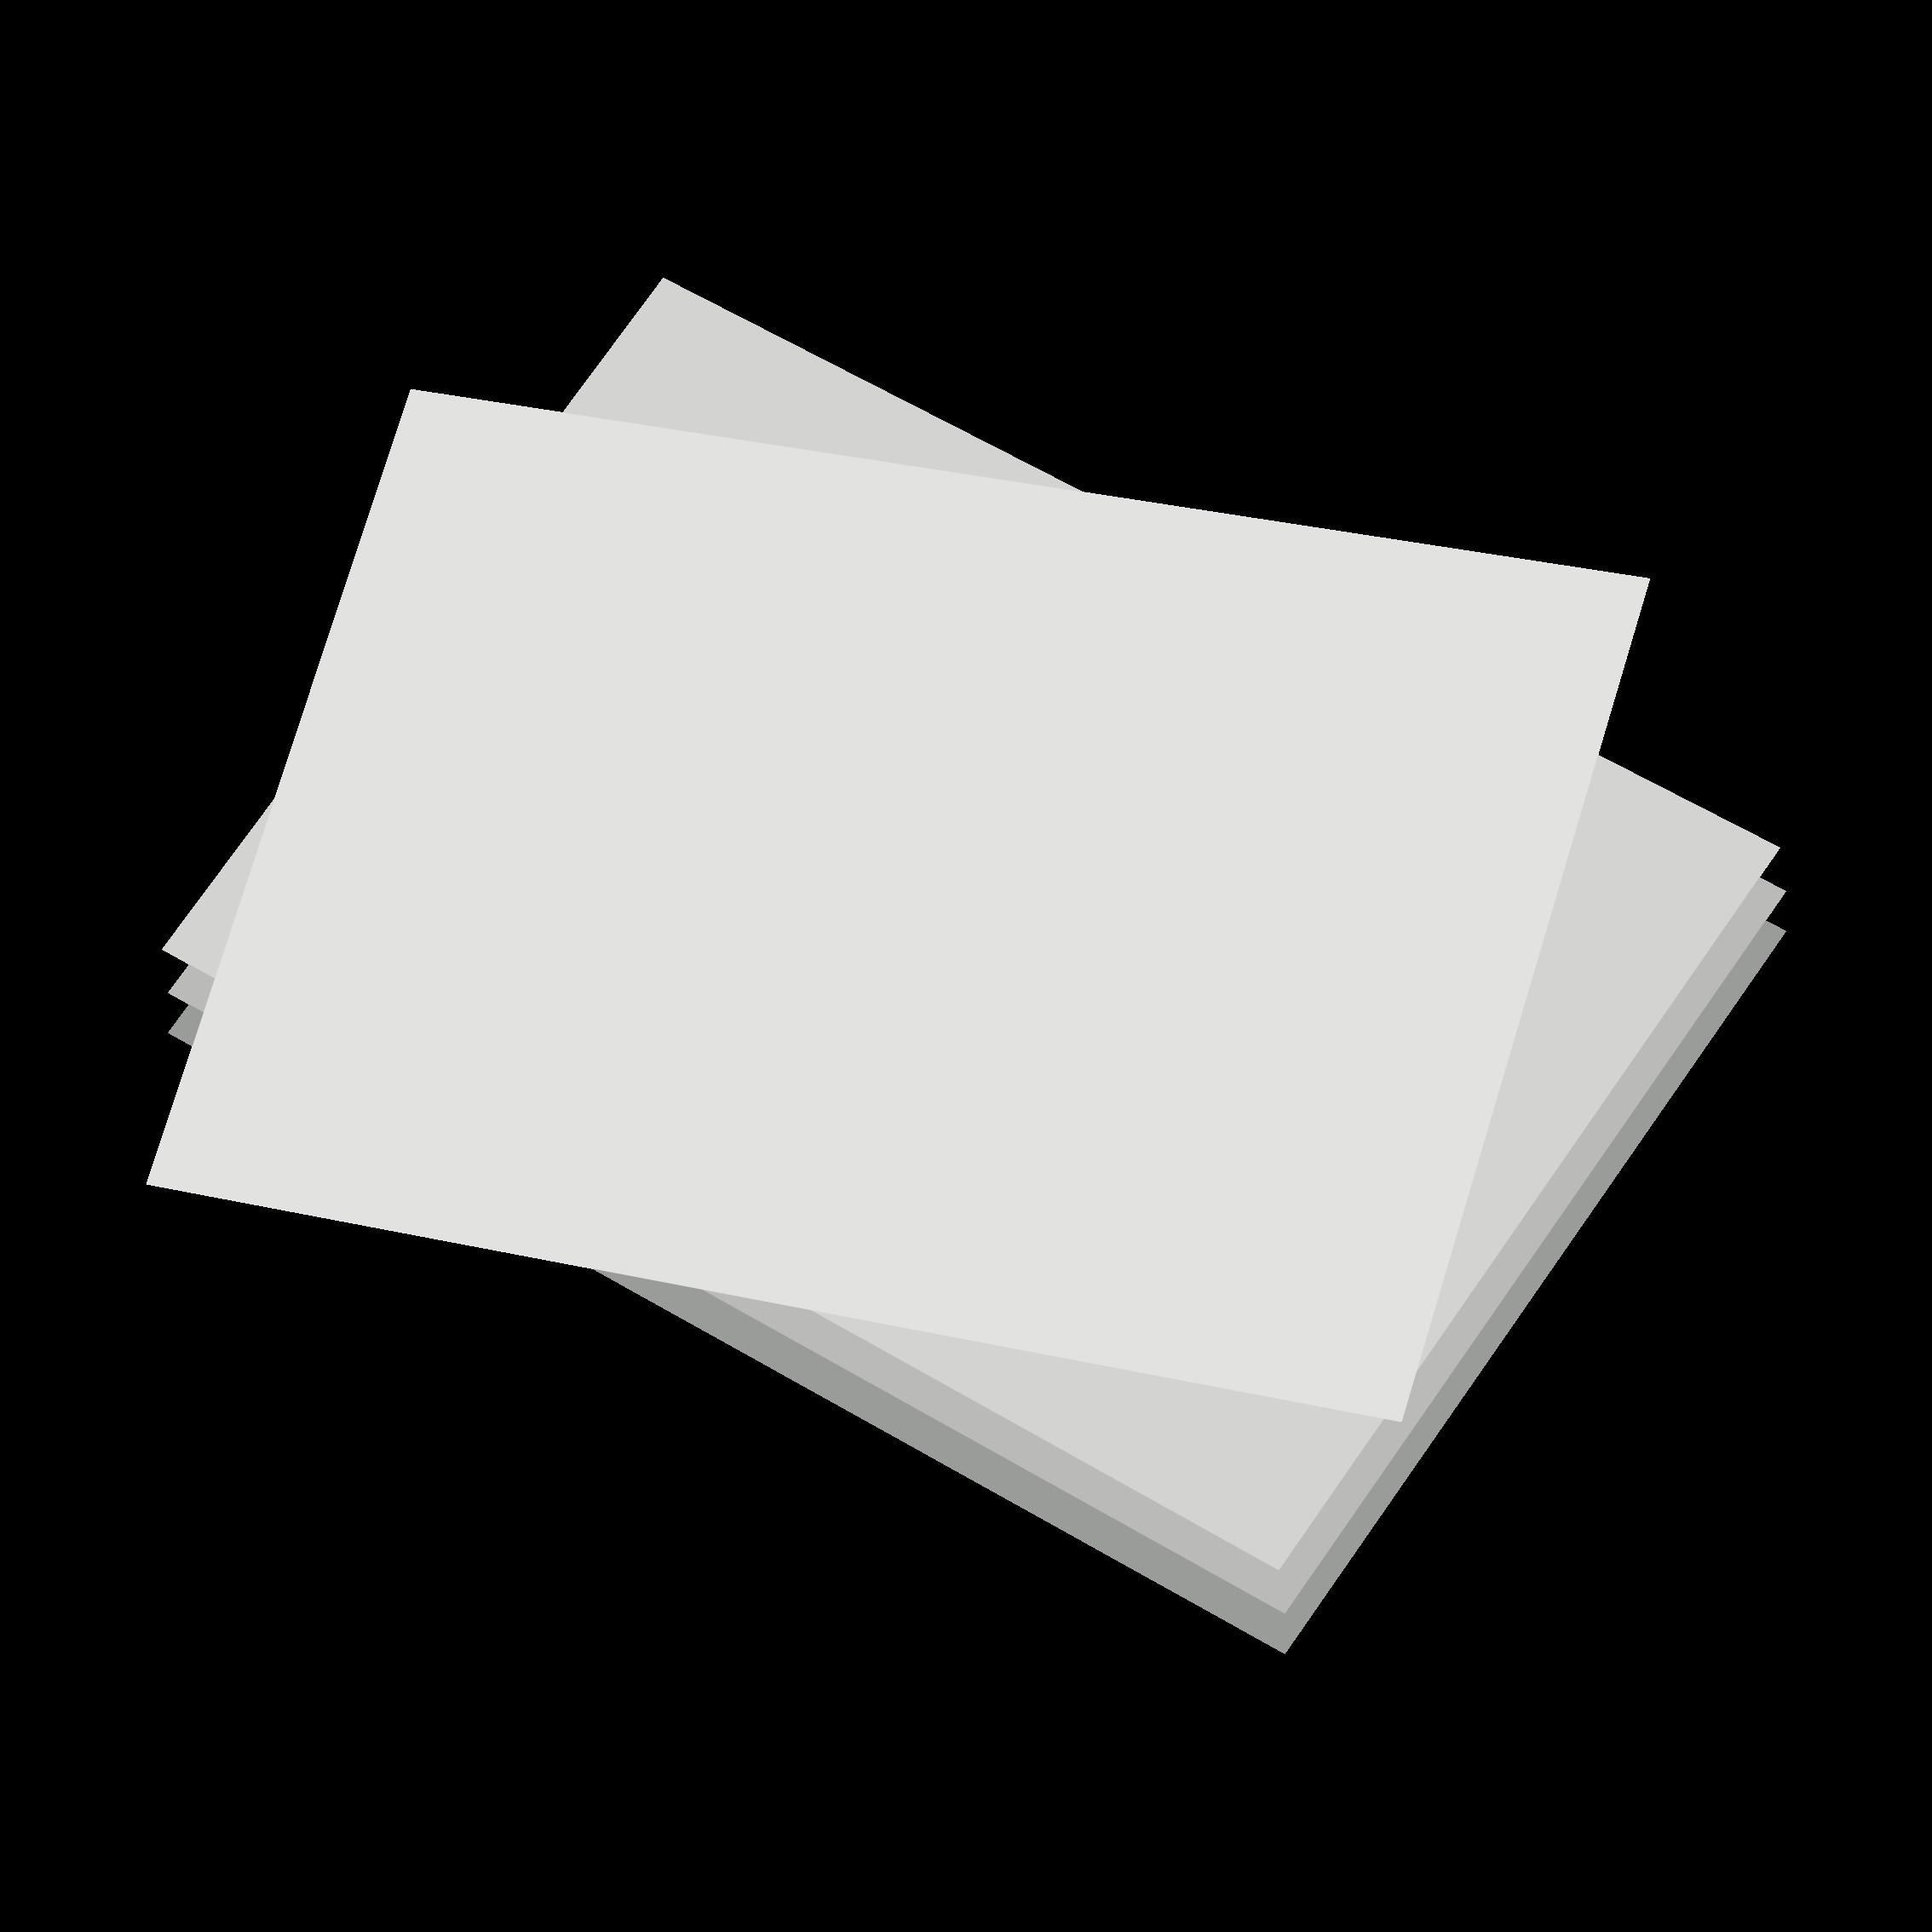 Visitekaarten drukken bij Signaal Reclame